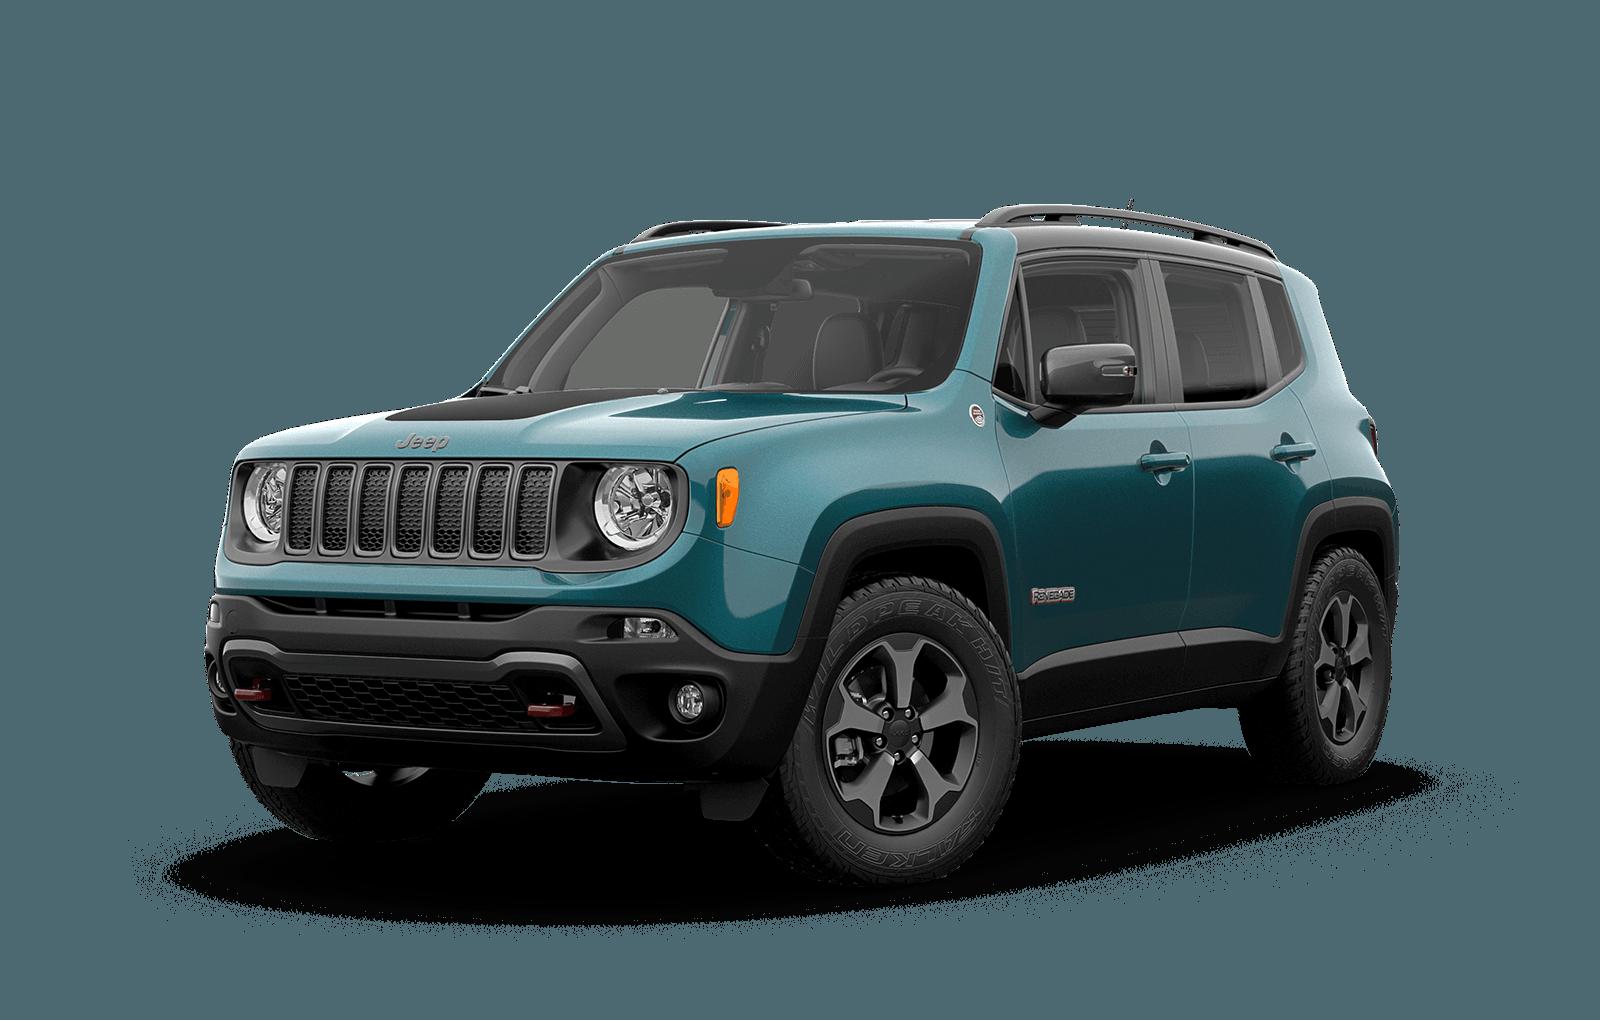 Prix Jeep Renegade >> 2019 Jeep Renegade Small Suv Jeep Canada